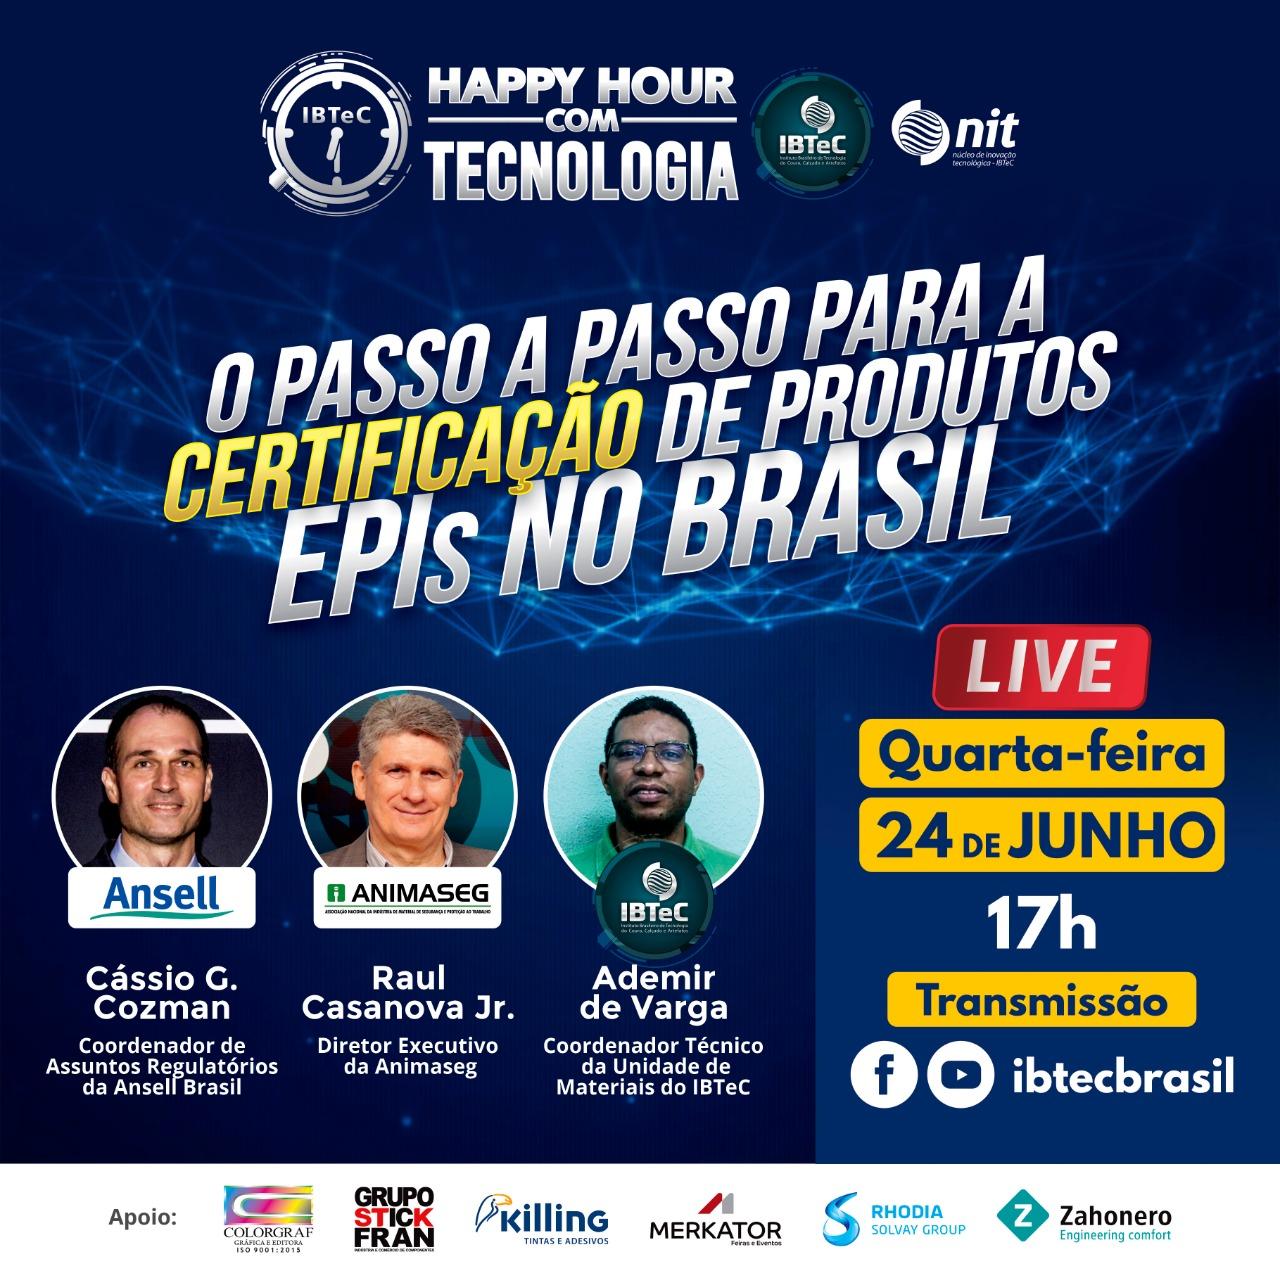 LIVE! O passo a passo para a certificação de produtos EPIs no Brasil - 24/06 (4ª feira) / 17h